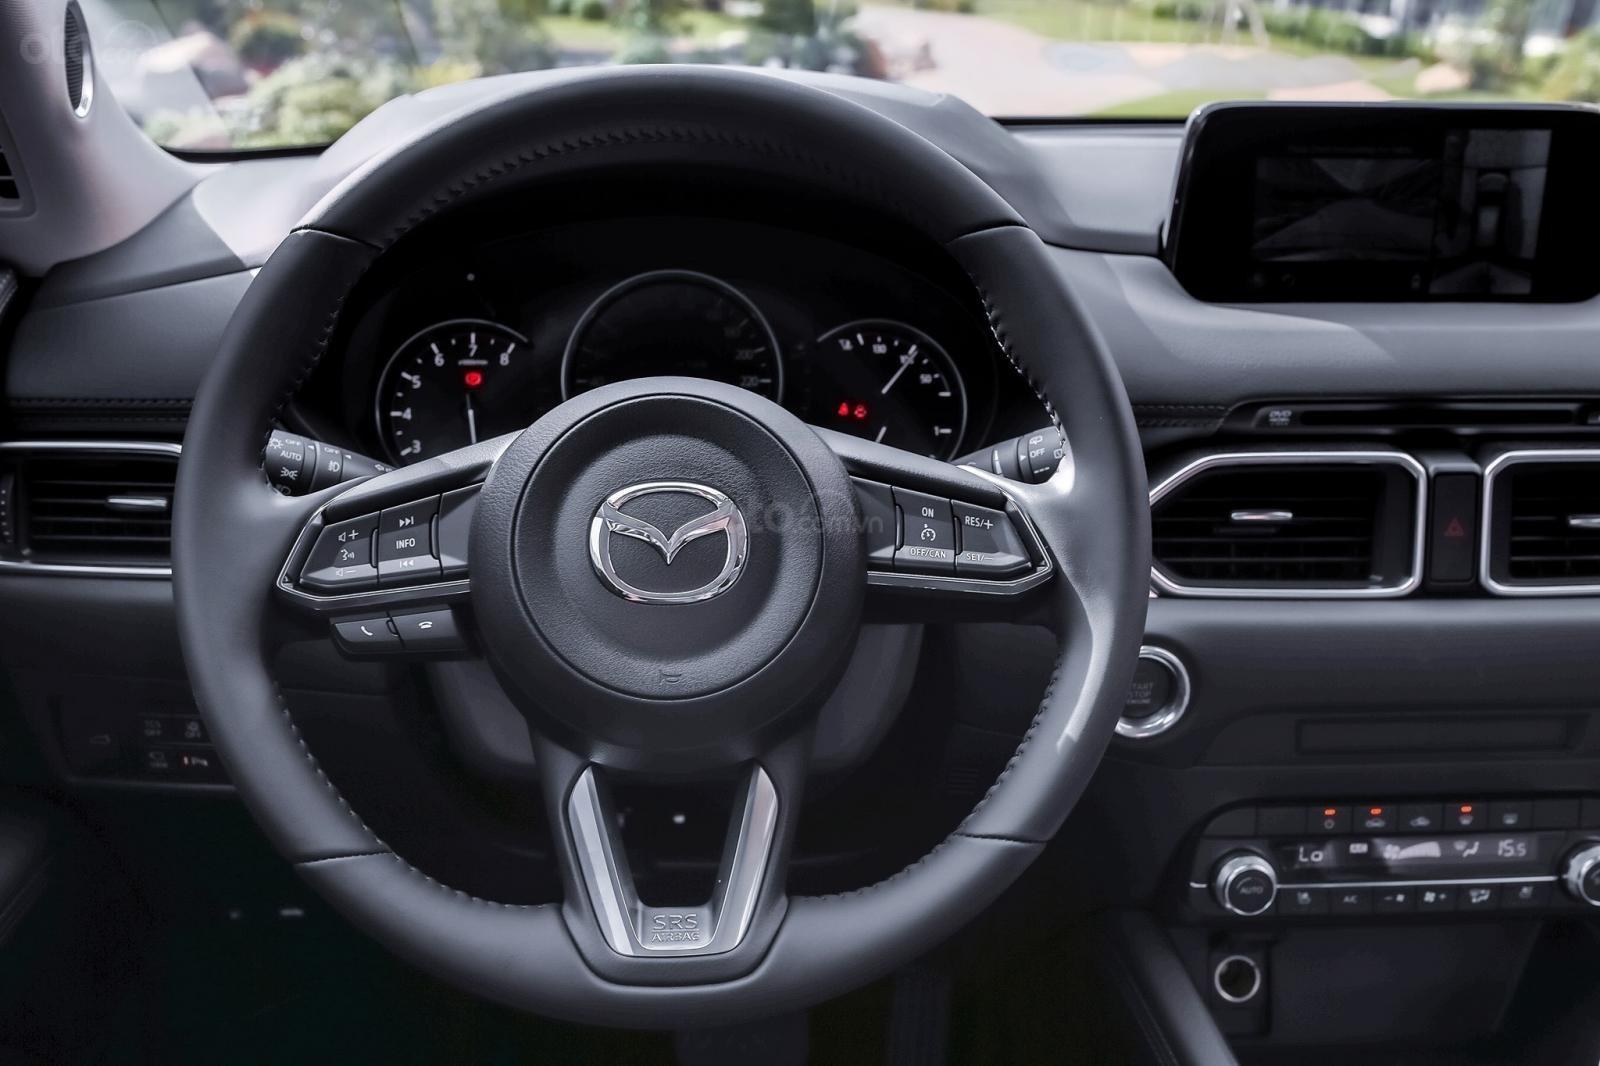 [Mazda Bình Triệu] bán Mazda CX-5 2019 giảm ngay 50 triệu. Gọi ngay 0345309502 ưu đãi thêm (7)